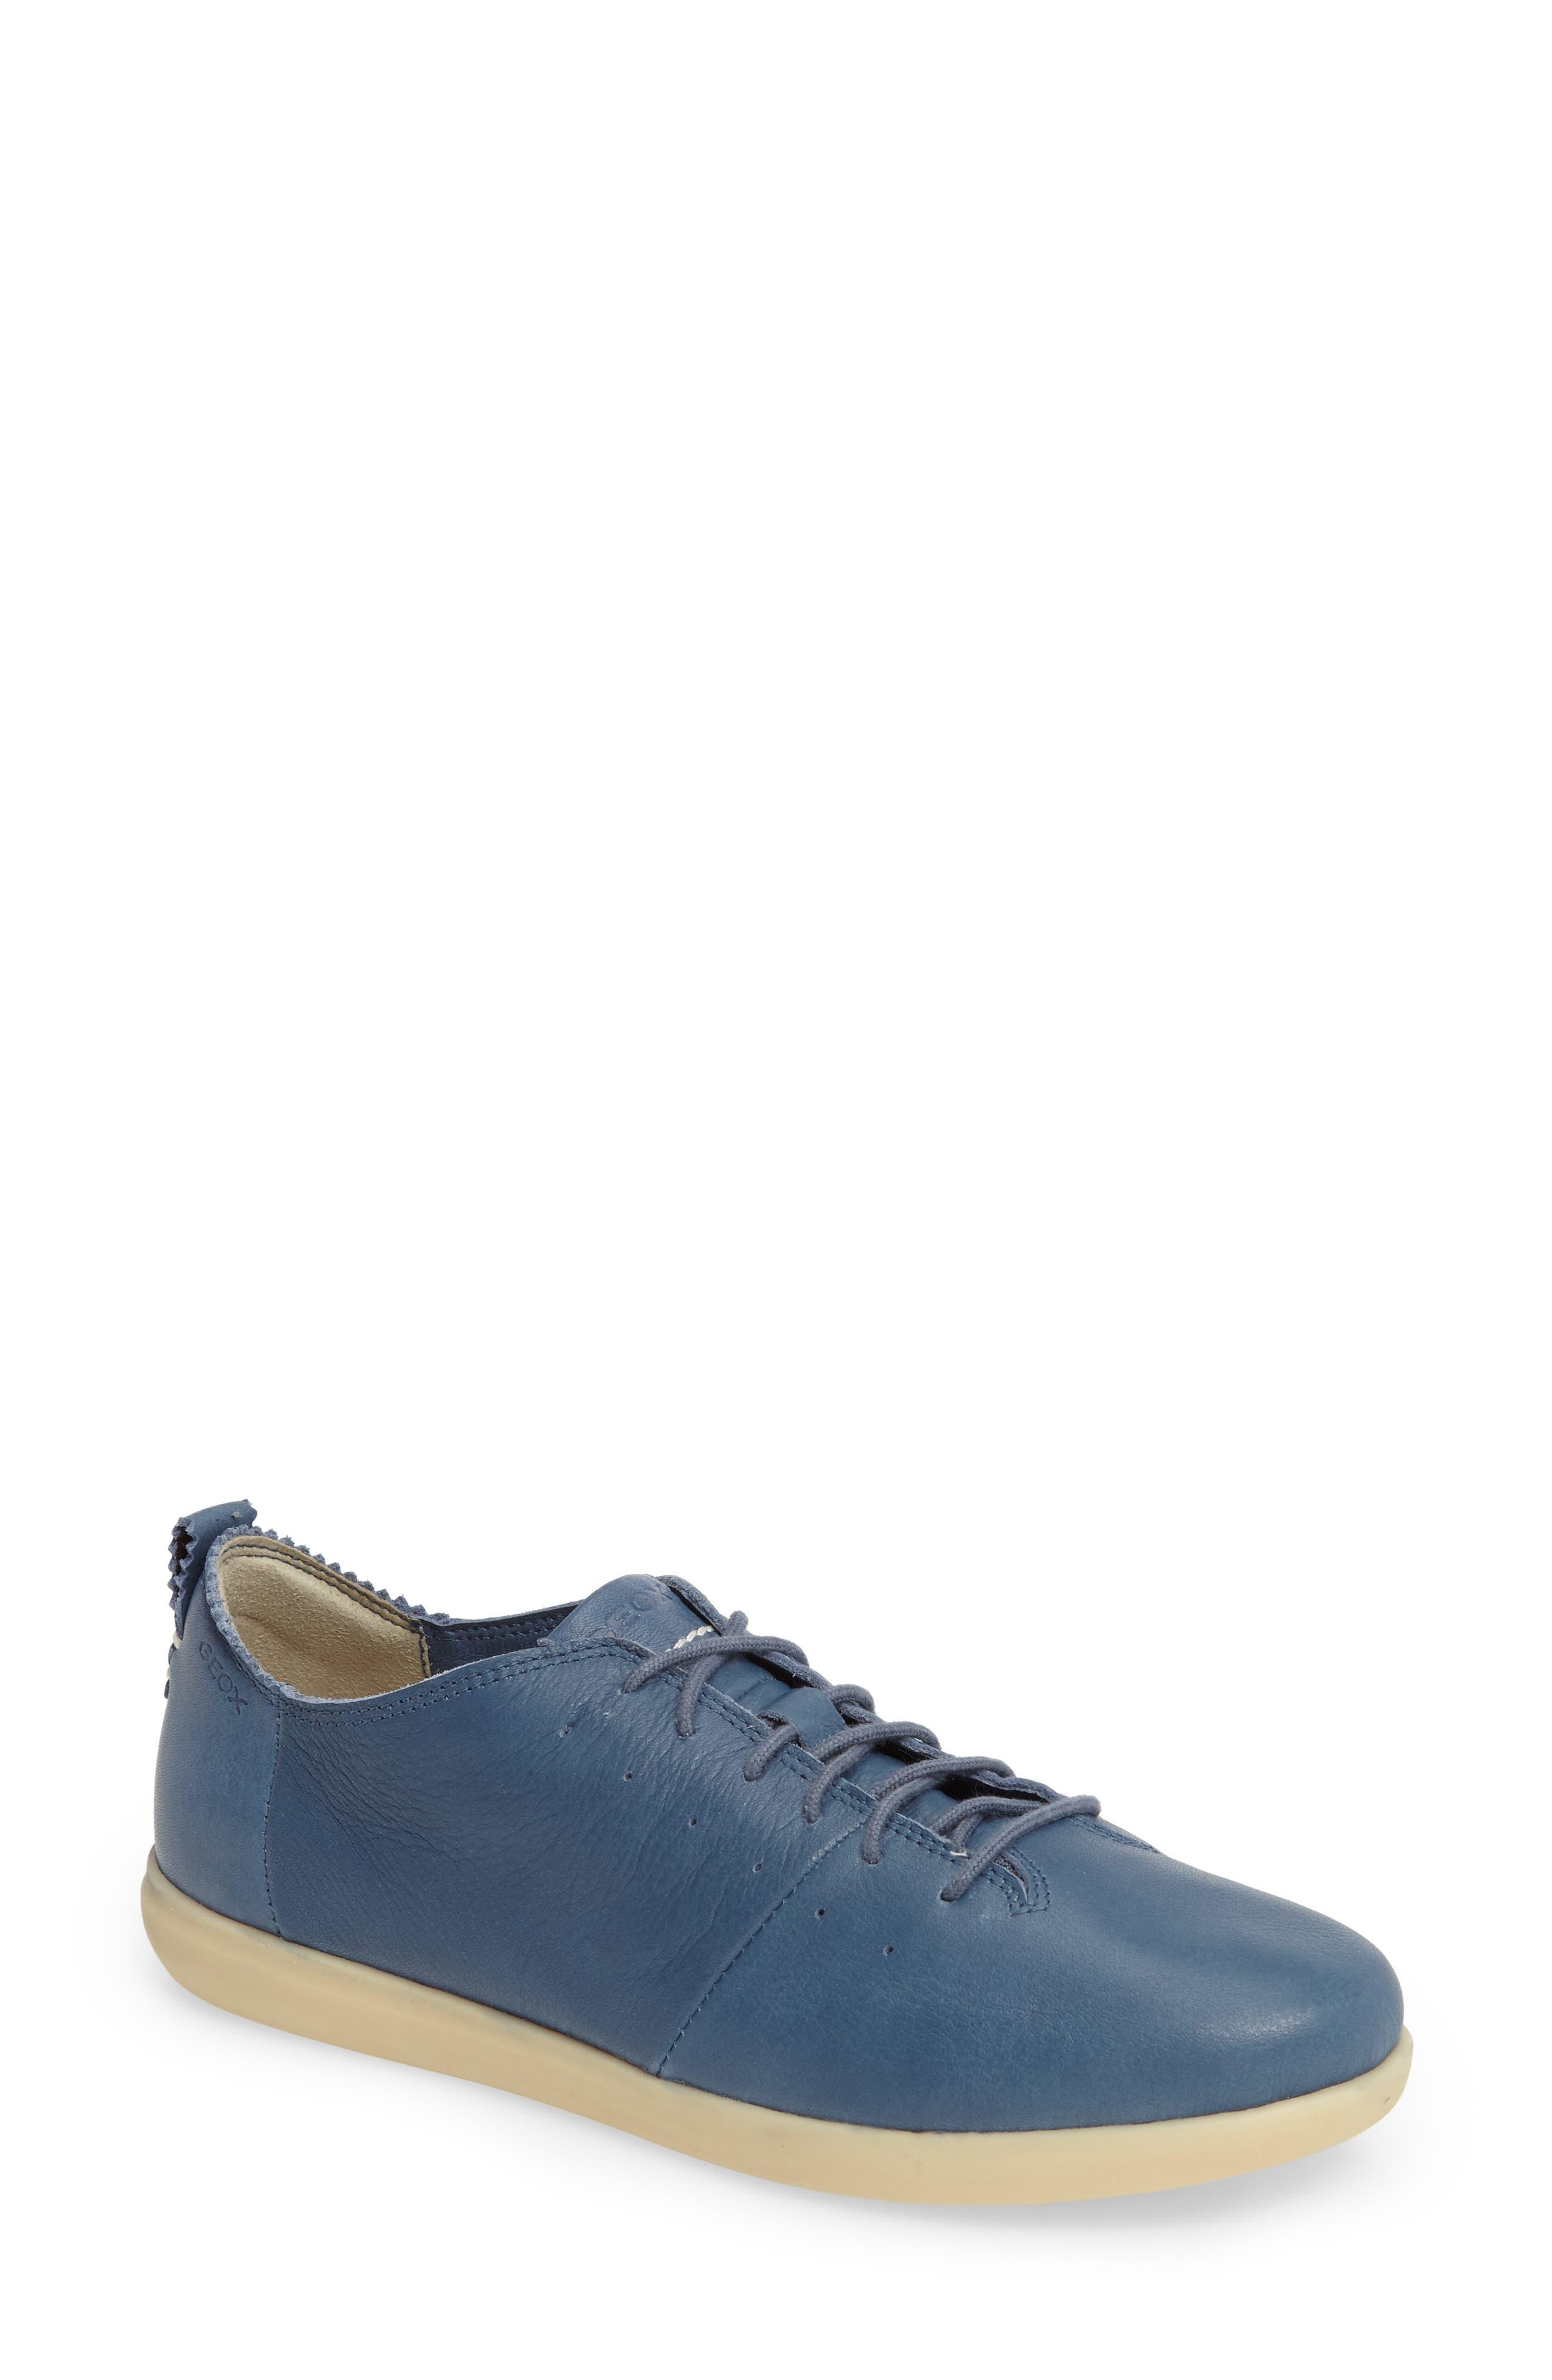 Geox New Do Sneaker (Women)